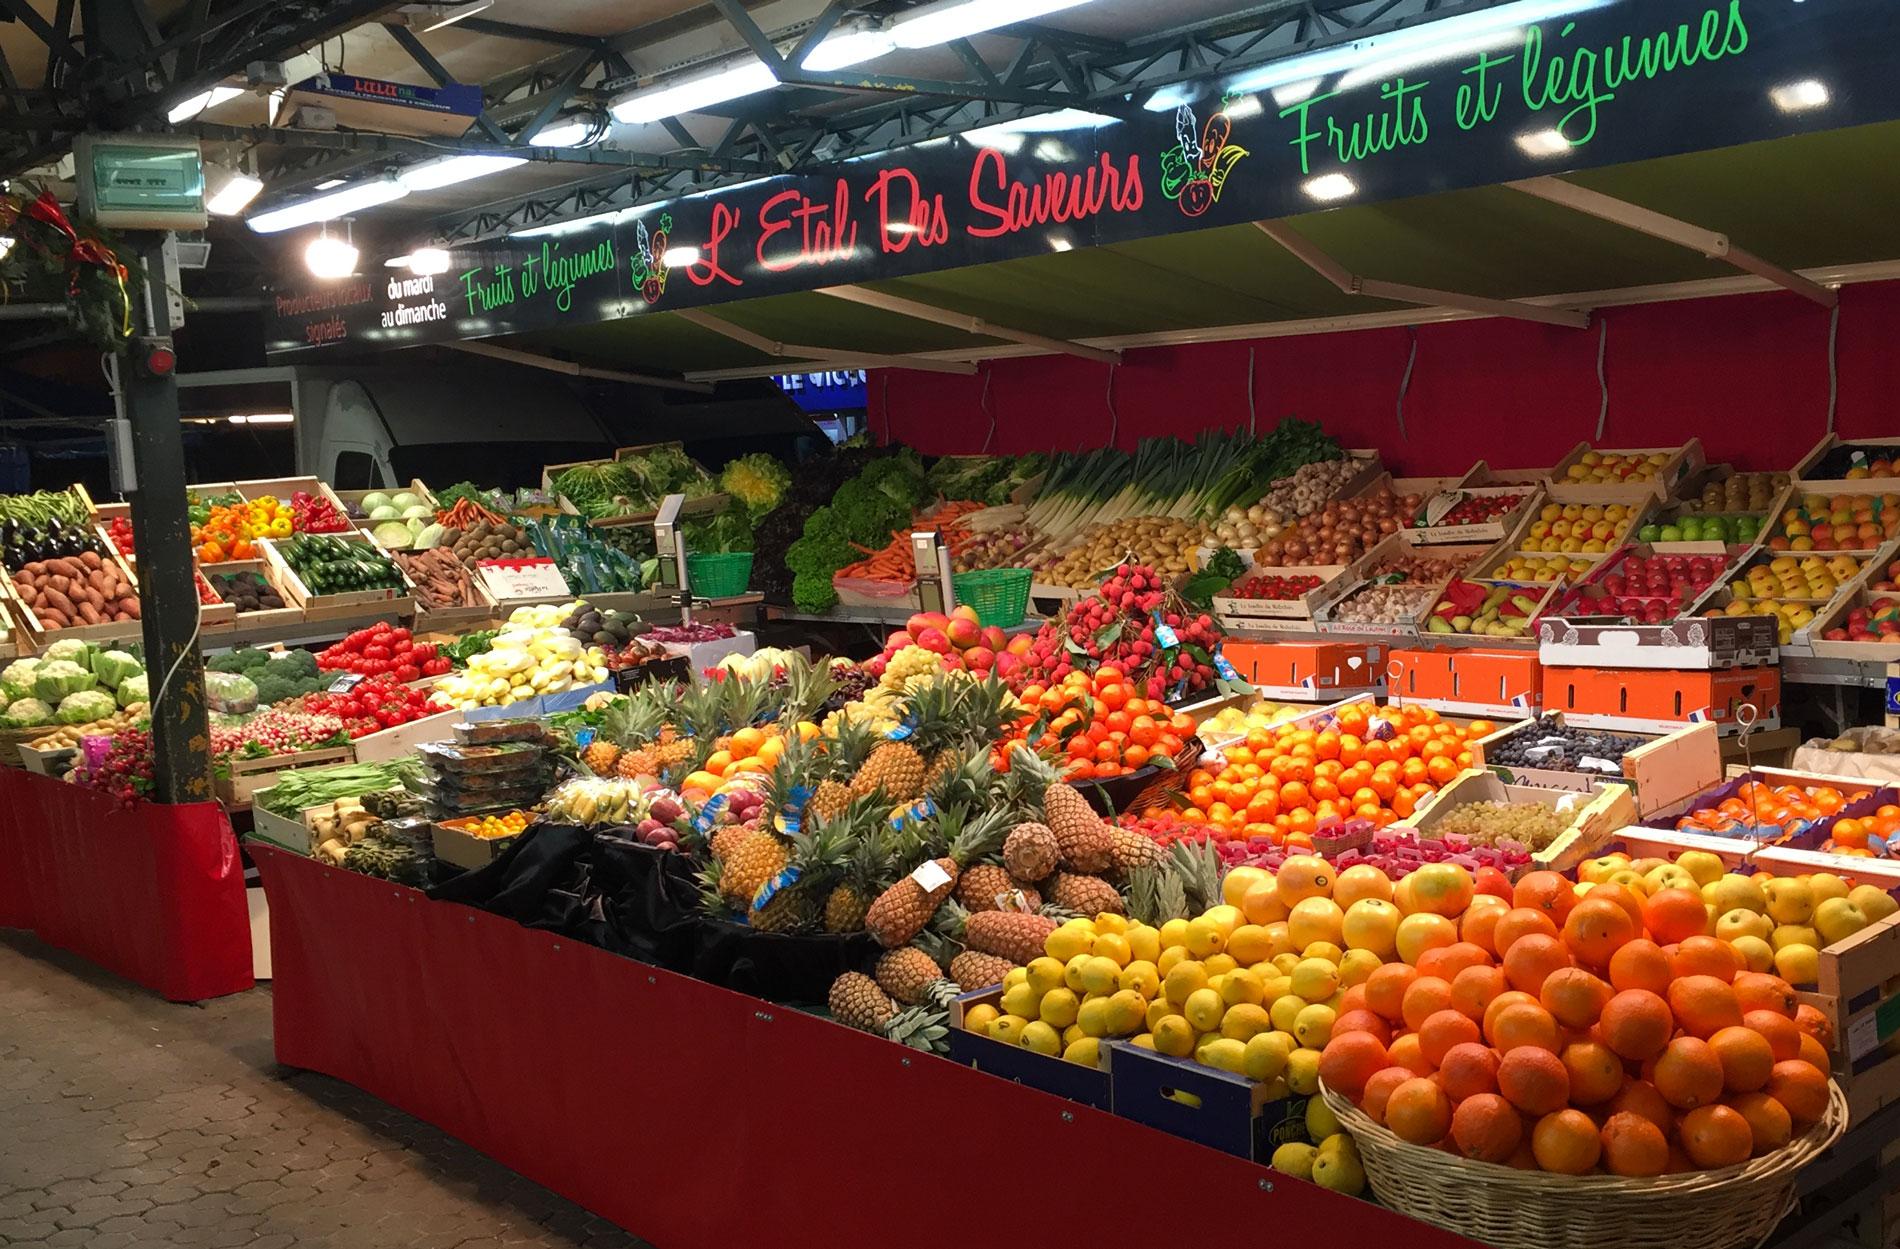 Stand fruits et légumes de l'Etal des Saveurs - Primeur Angoulême